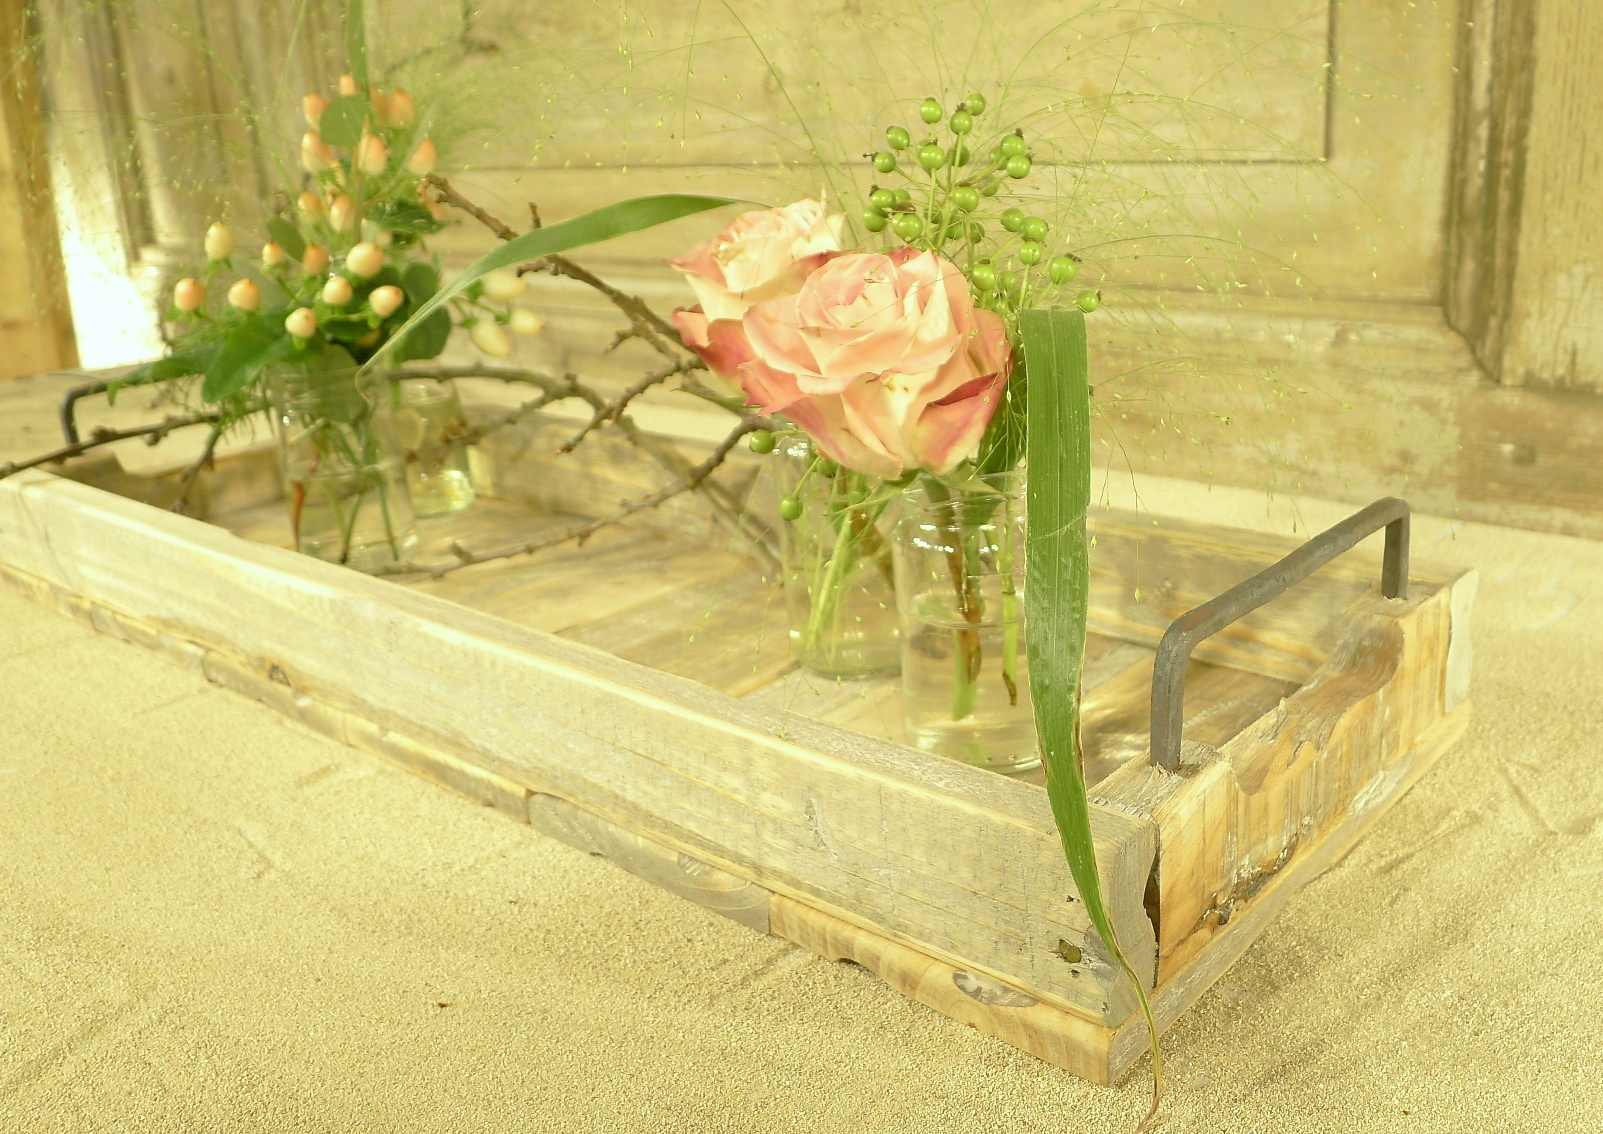 tray old dutch marianne 58/20-8